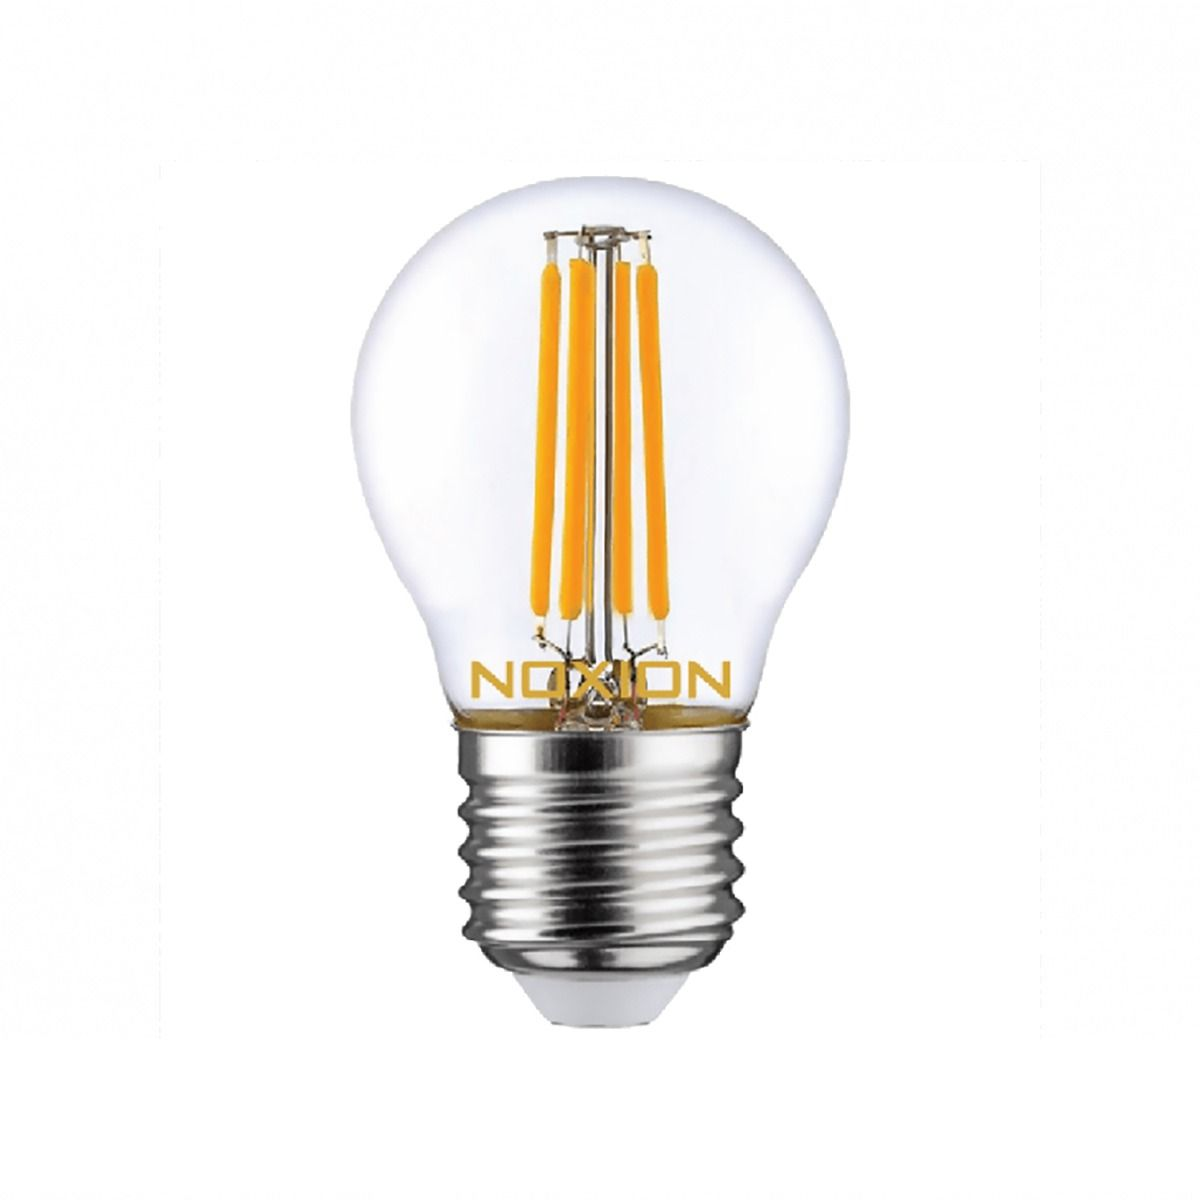 Noxion Lucent con Filamento LED Lustre 4.5W 827 P45 E27 Clara | Luz muy Cálida - Reemplazo 40W